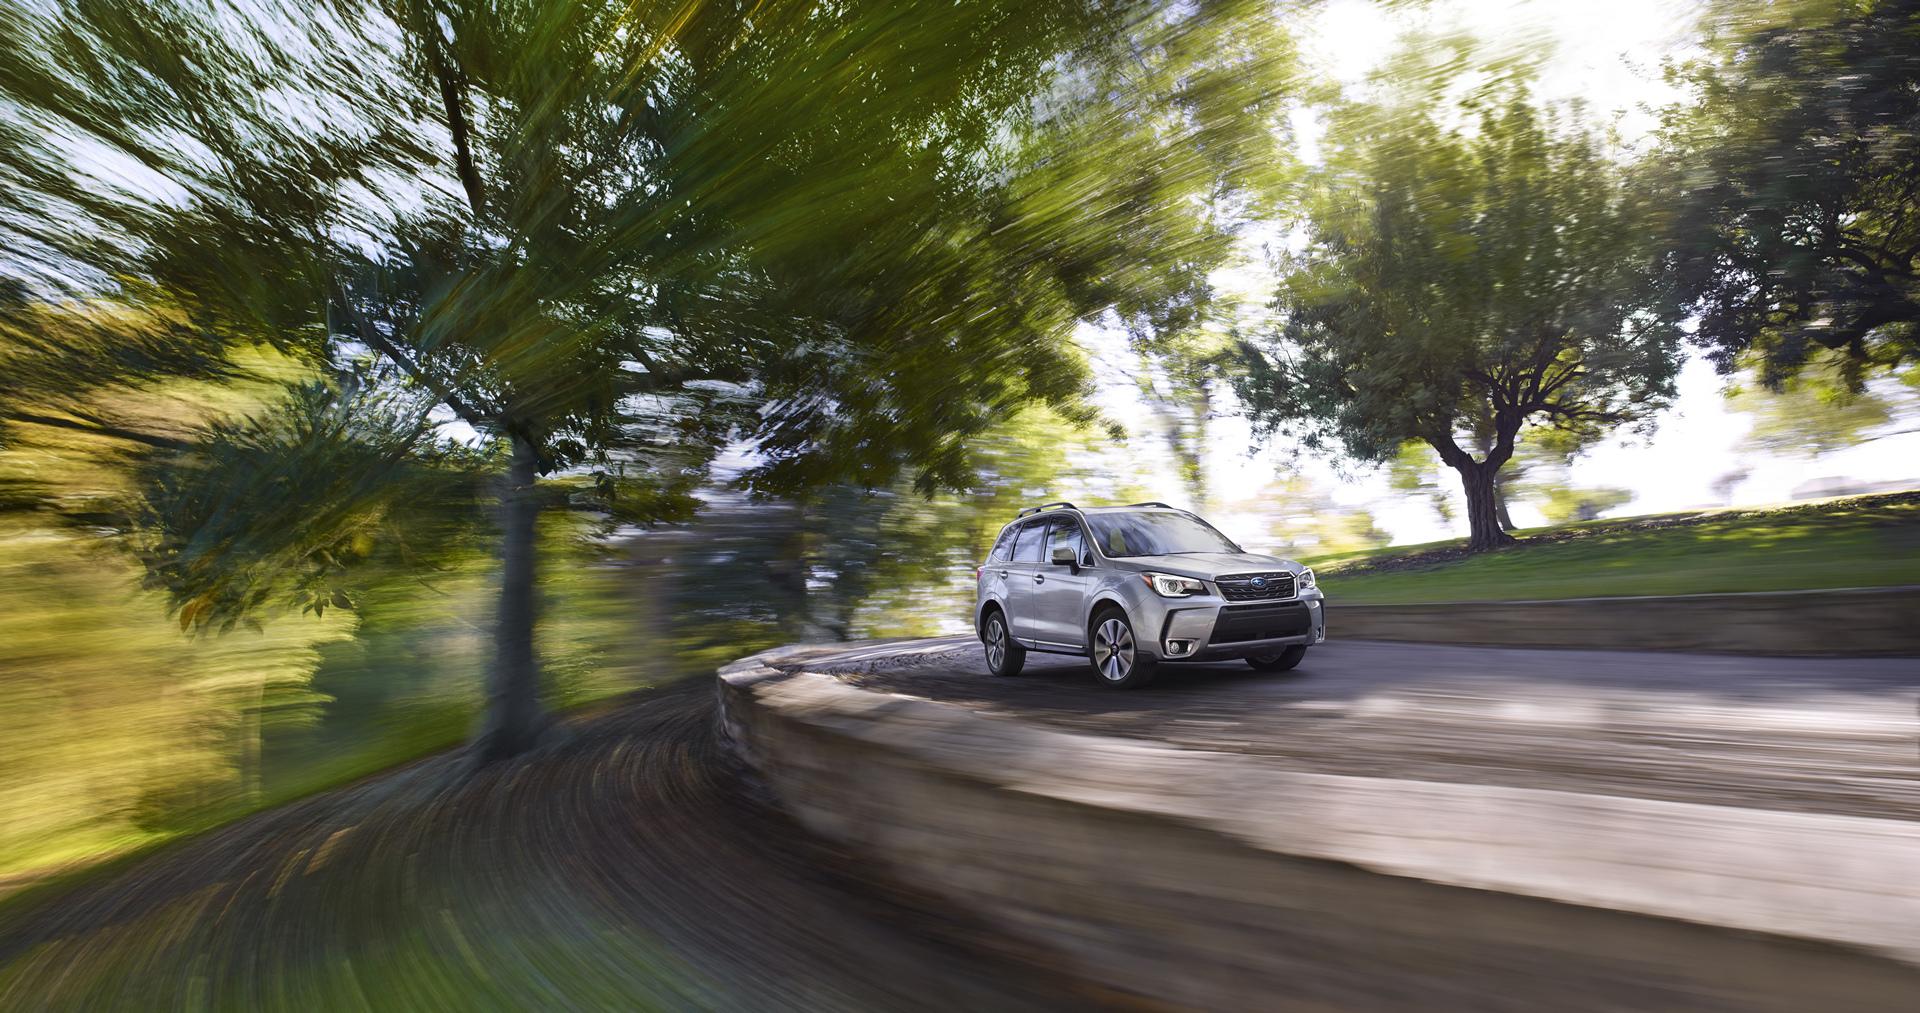 2017 Subaru Forester © Fuji Heavy Industries, Ltd.